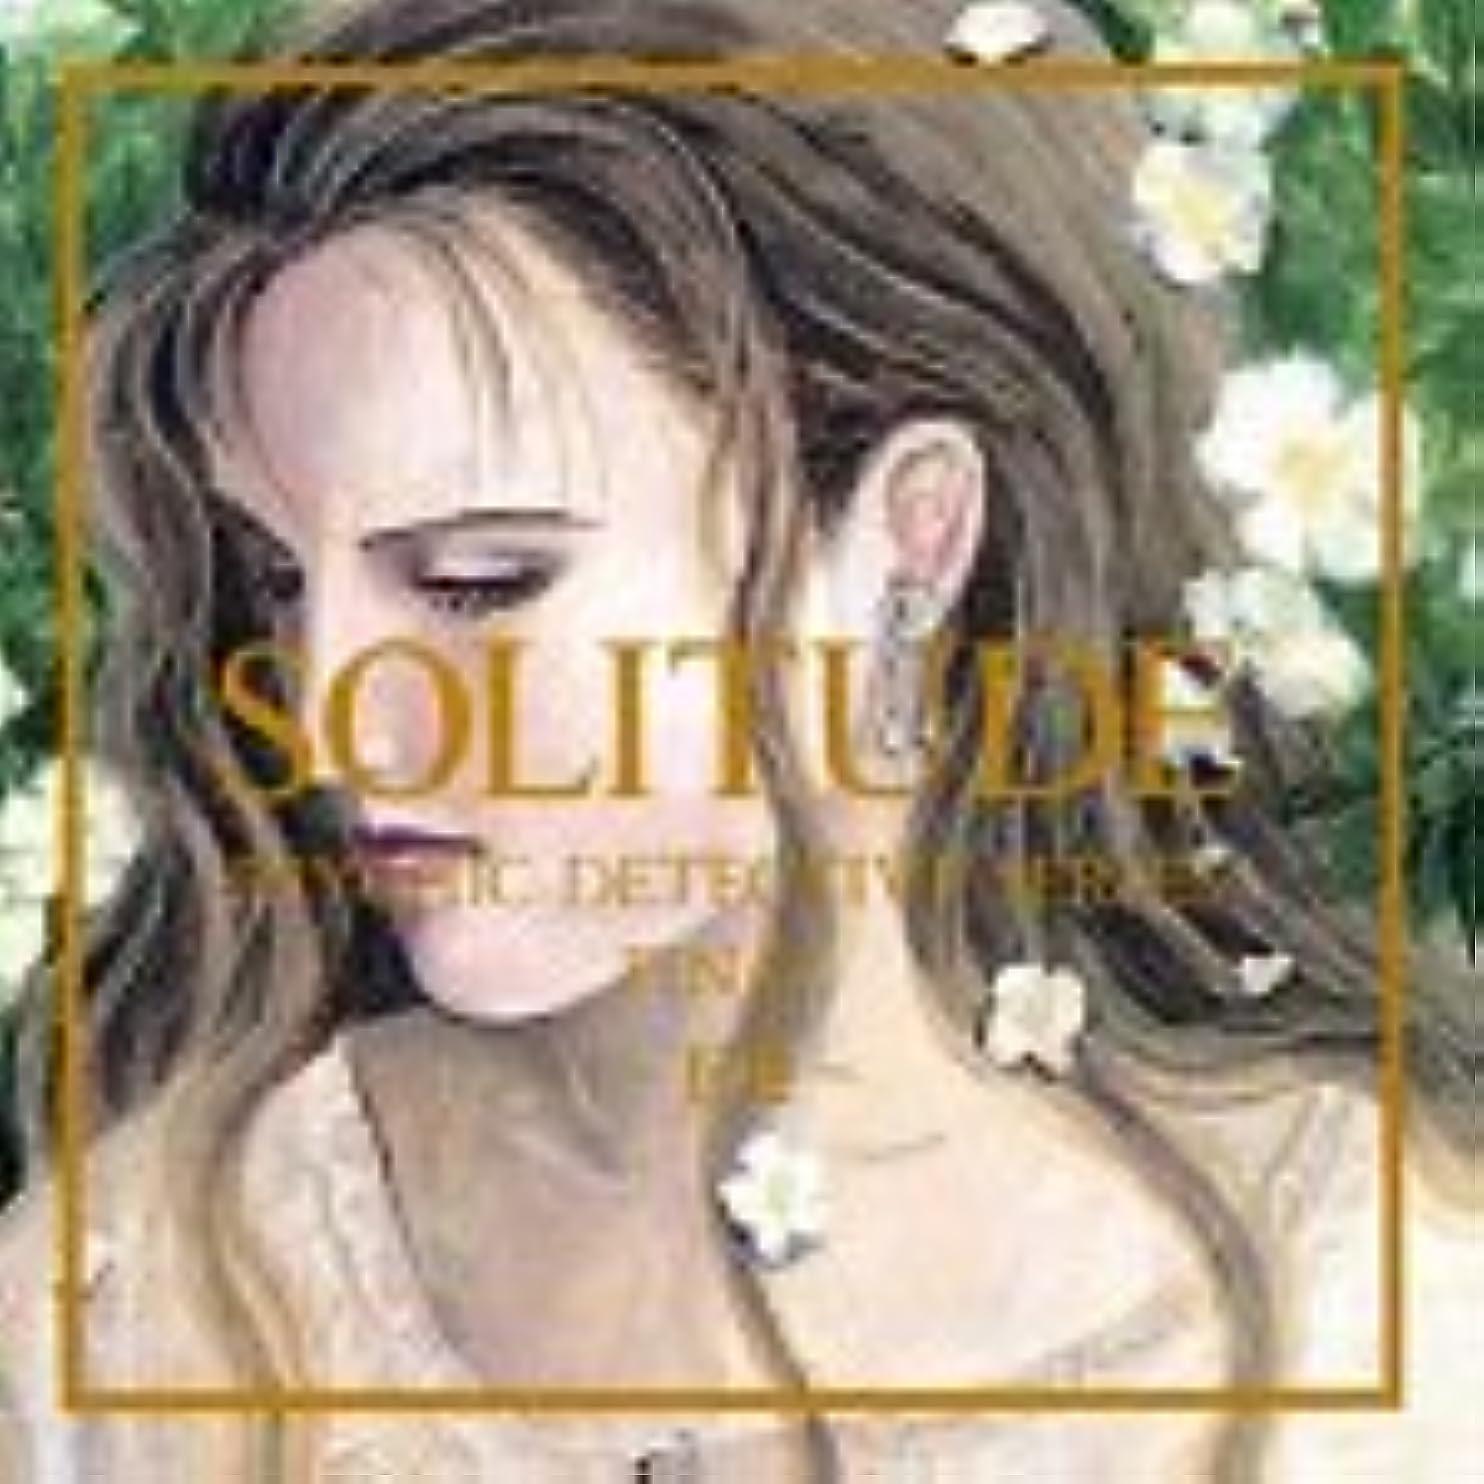 味方慣れる記述するSolitude Psychic Detective Series Final~下巻~